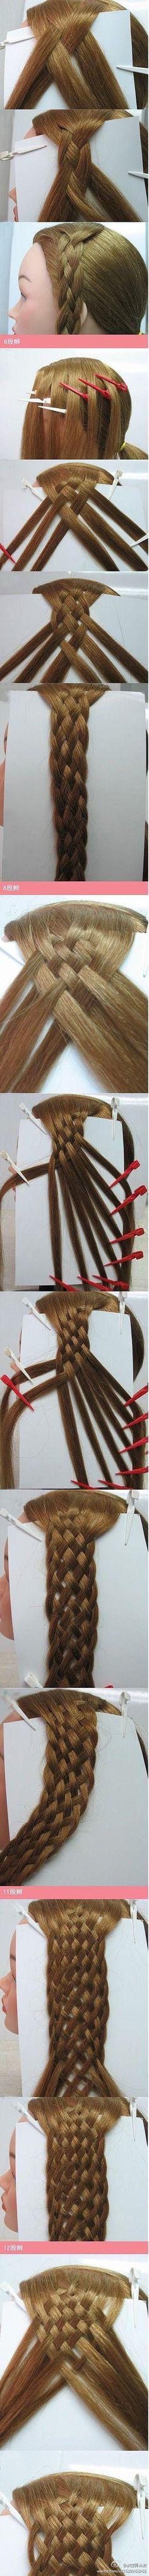 6 strand braid - for Acacia's hair Plaits Hairstyles, Pretty Hairstyles, Coiffure Hair, Plait Hair, Types Of Braids, Doll Hair, Tips Belleza, Great Hair, Hair Dos